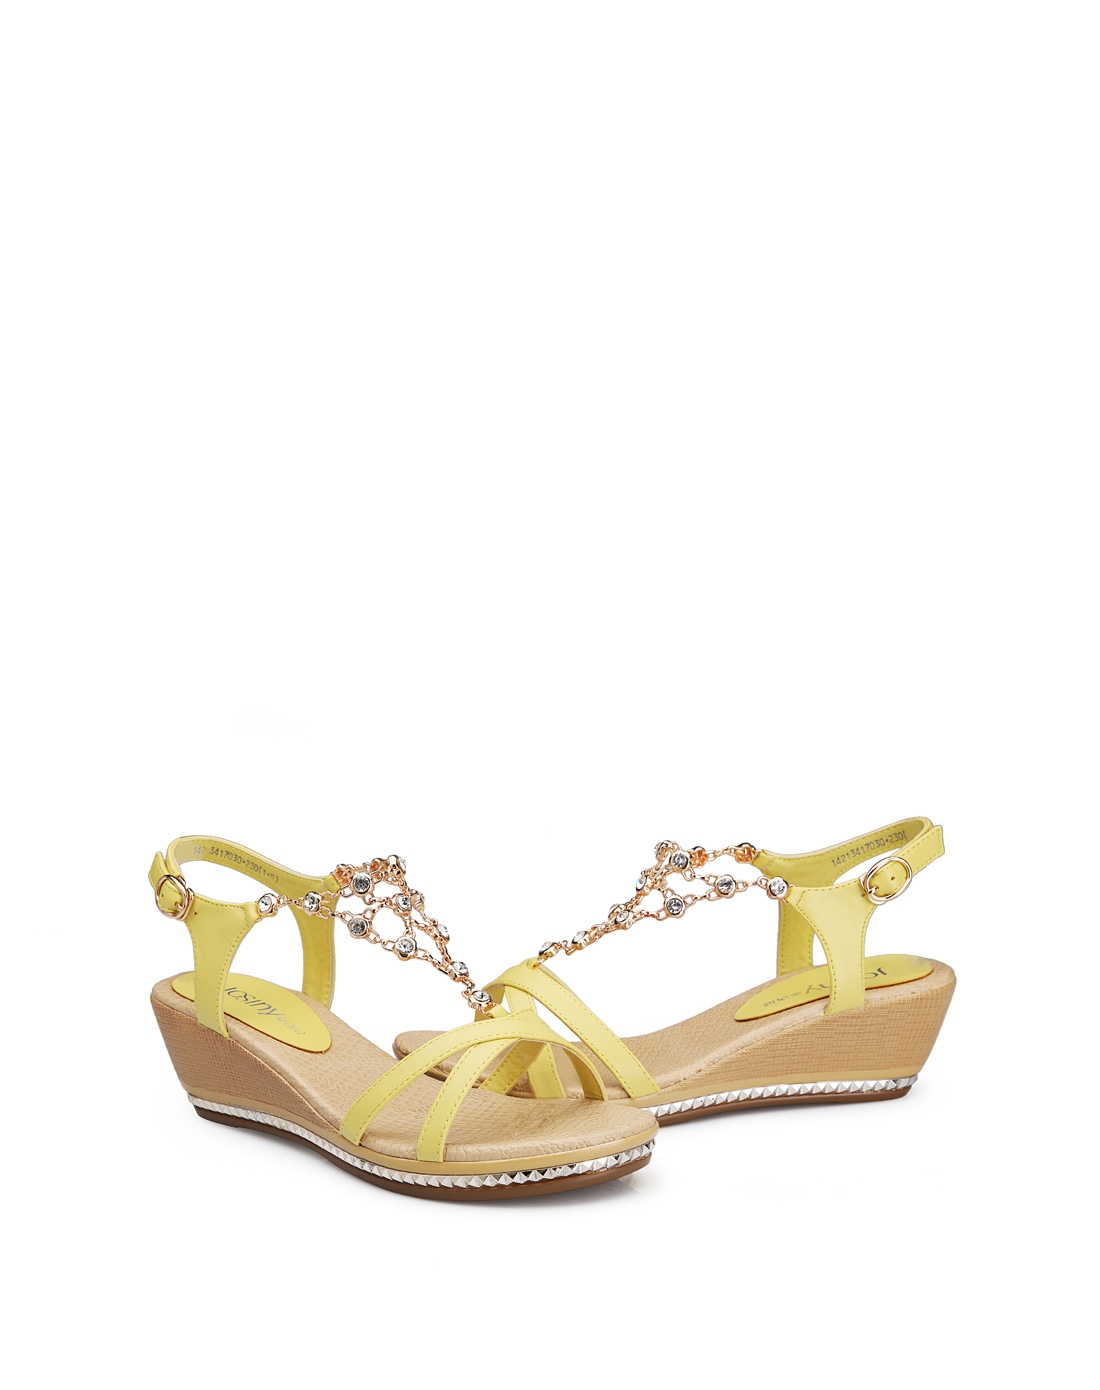 黄色2014夏季新款女鞋坡跟中跟波西米亚风水